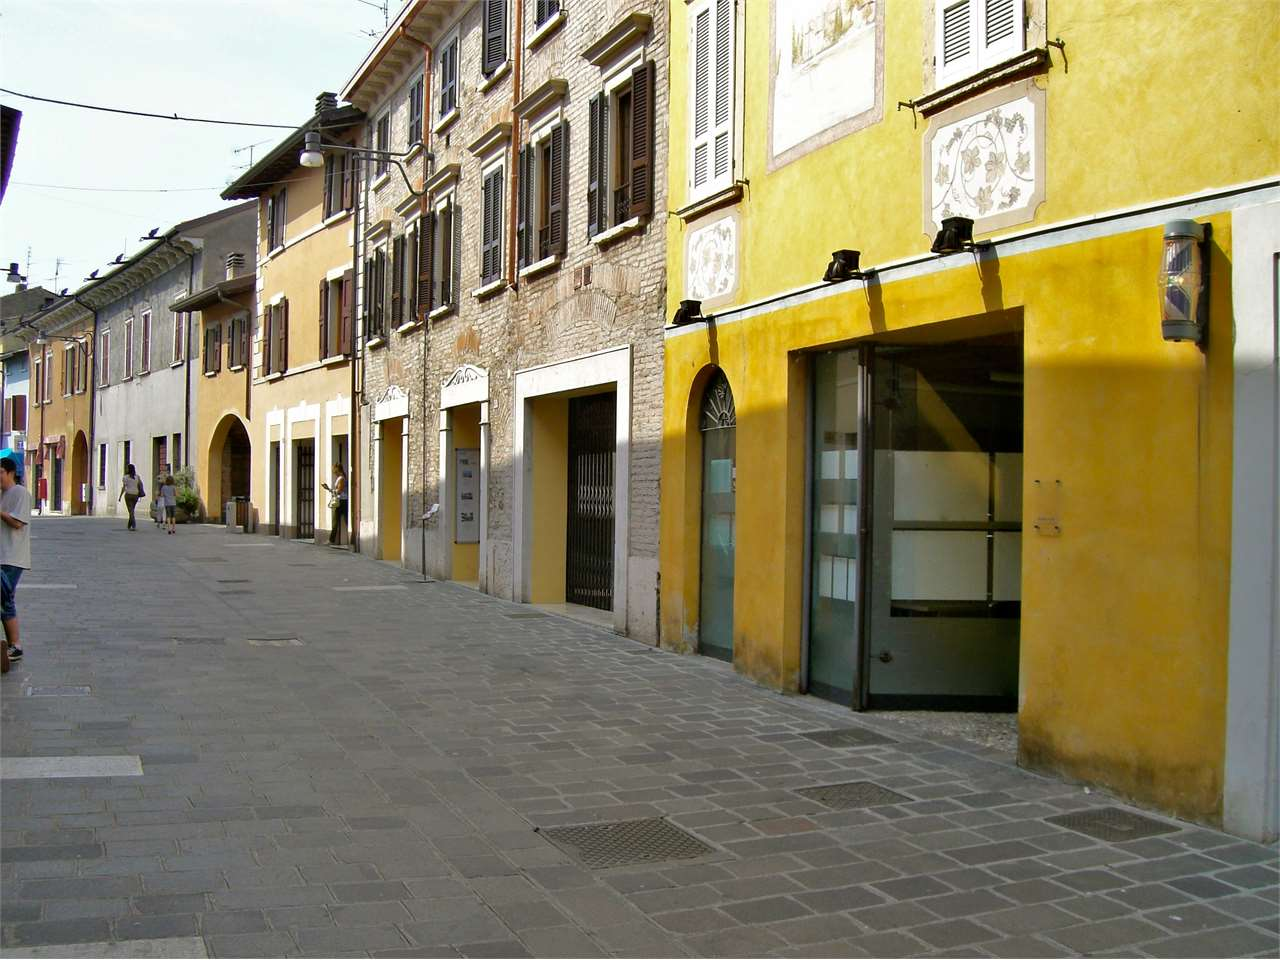 Ufficio / Studio in vendita a Desenzano del Garda, 3 locali, zona Zona: Rivoltella del Garda, prezzo € 220.000 | Cambio Casa.it